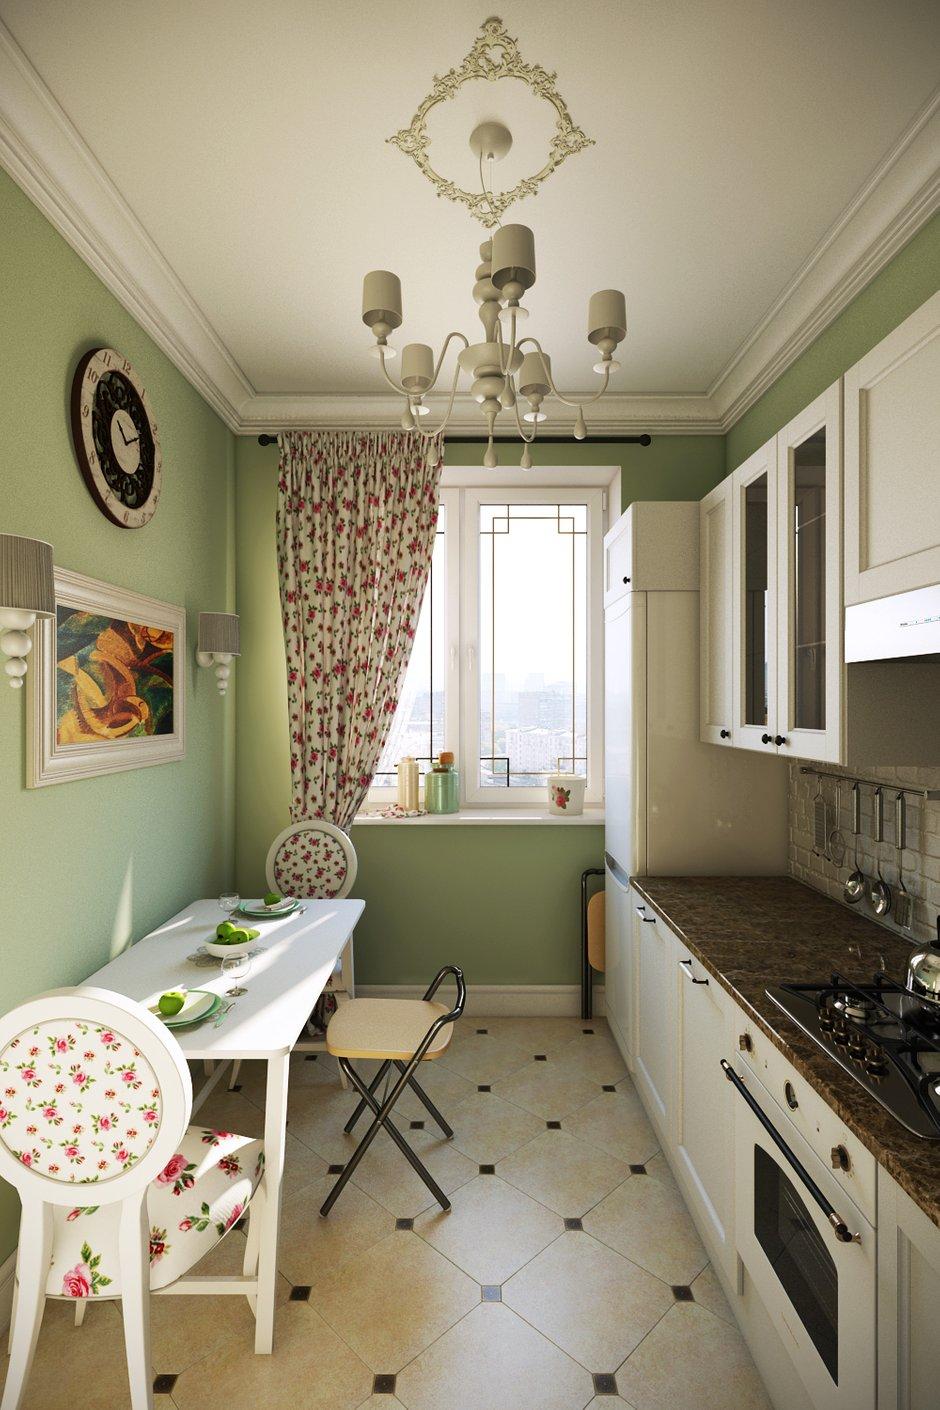 Фотография: Кухня и столовая в стиле Прованс и Кантри, Квартира, Дома и квартиры, IKEA, Проект недели, Москва – фото на INMYROOM